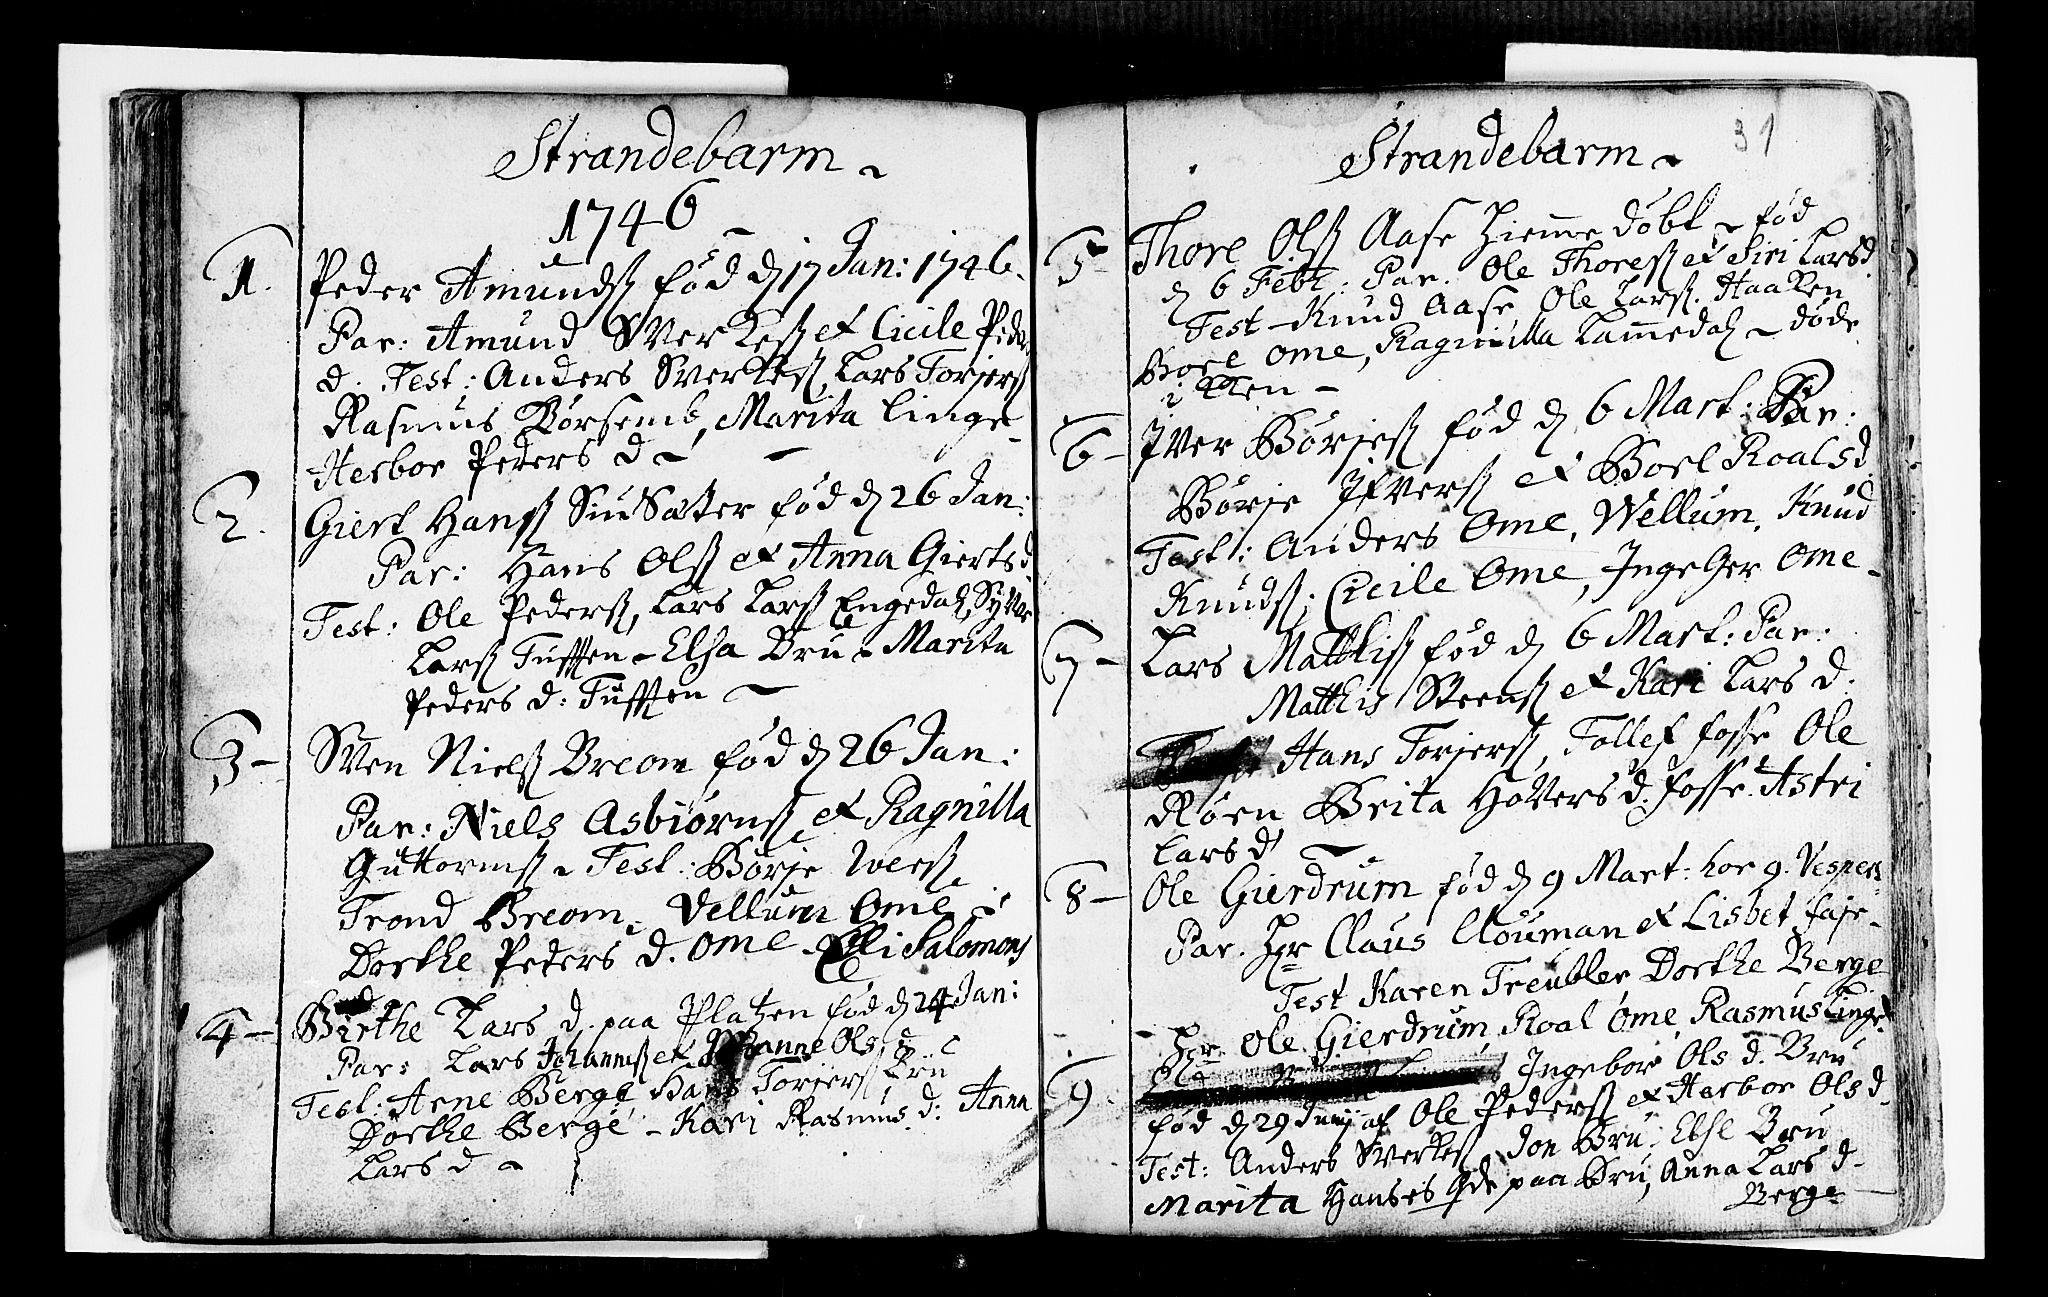 SAB, Strandebarm Sokneprestembete, H/Haa: Ministerialbok nr. A 2 /1, 1727-1750, s. 31